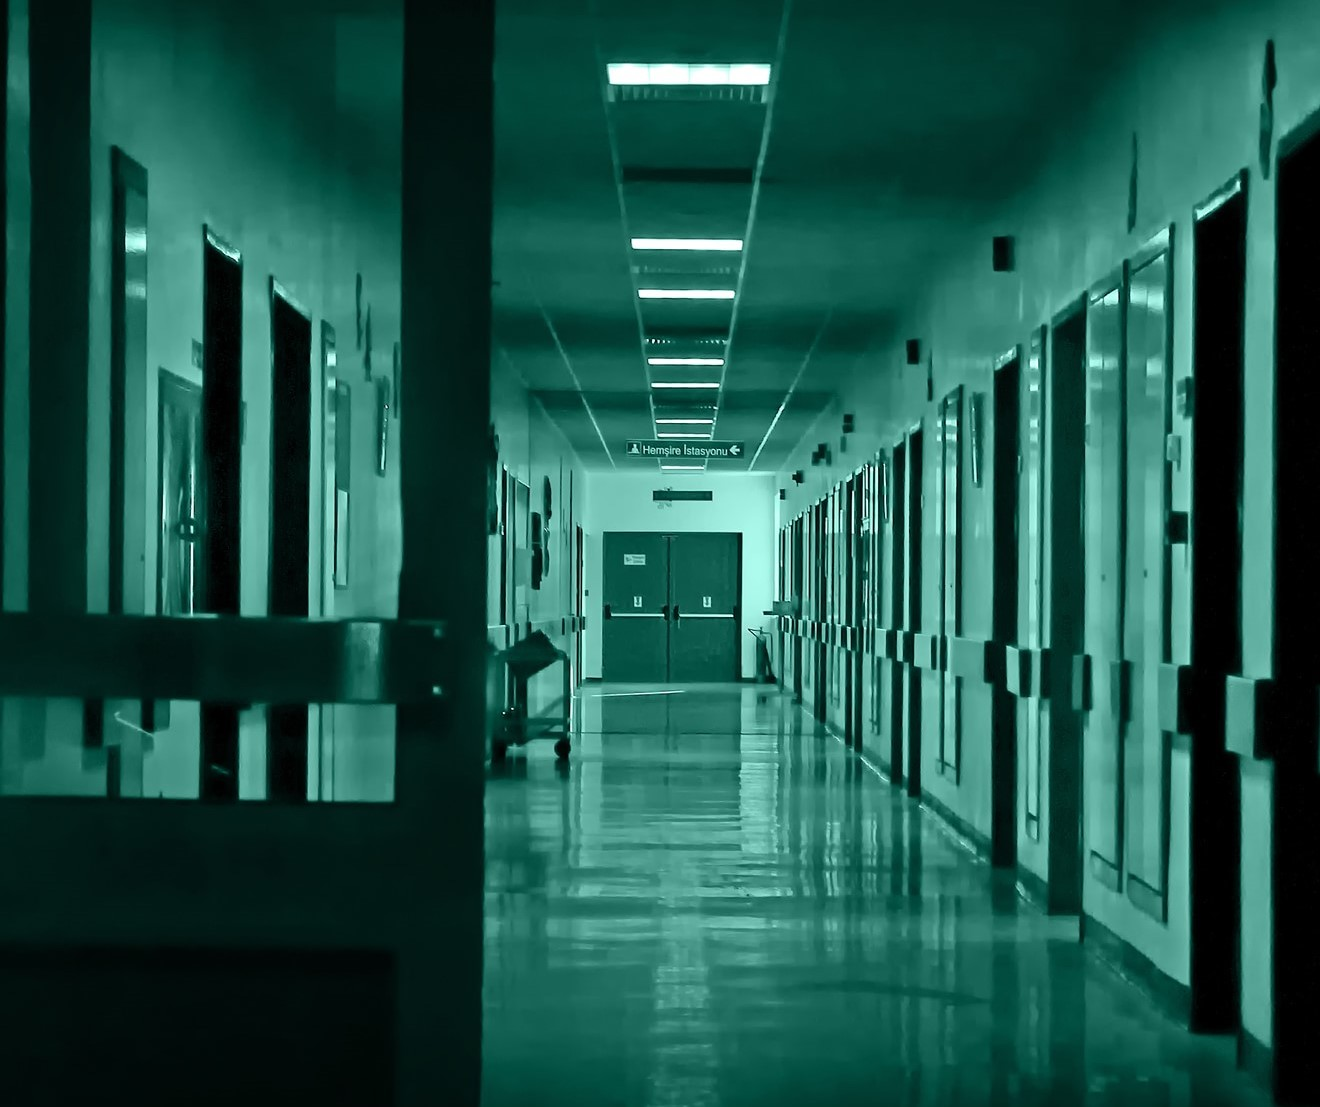 Росздравнадзор лишил лицензии клинику, где умерли несколько пациентов